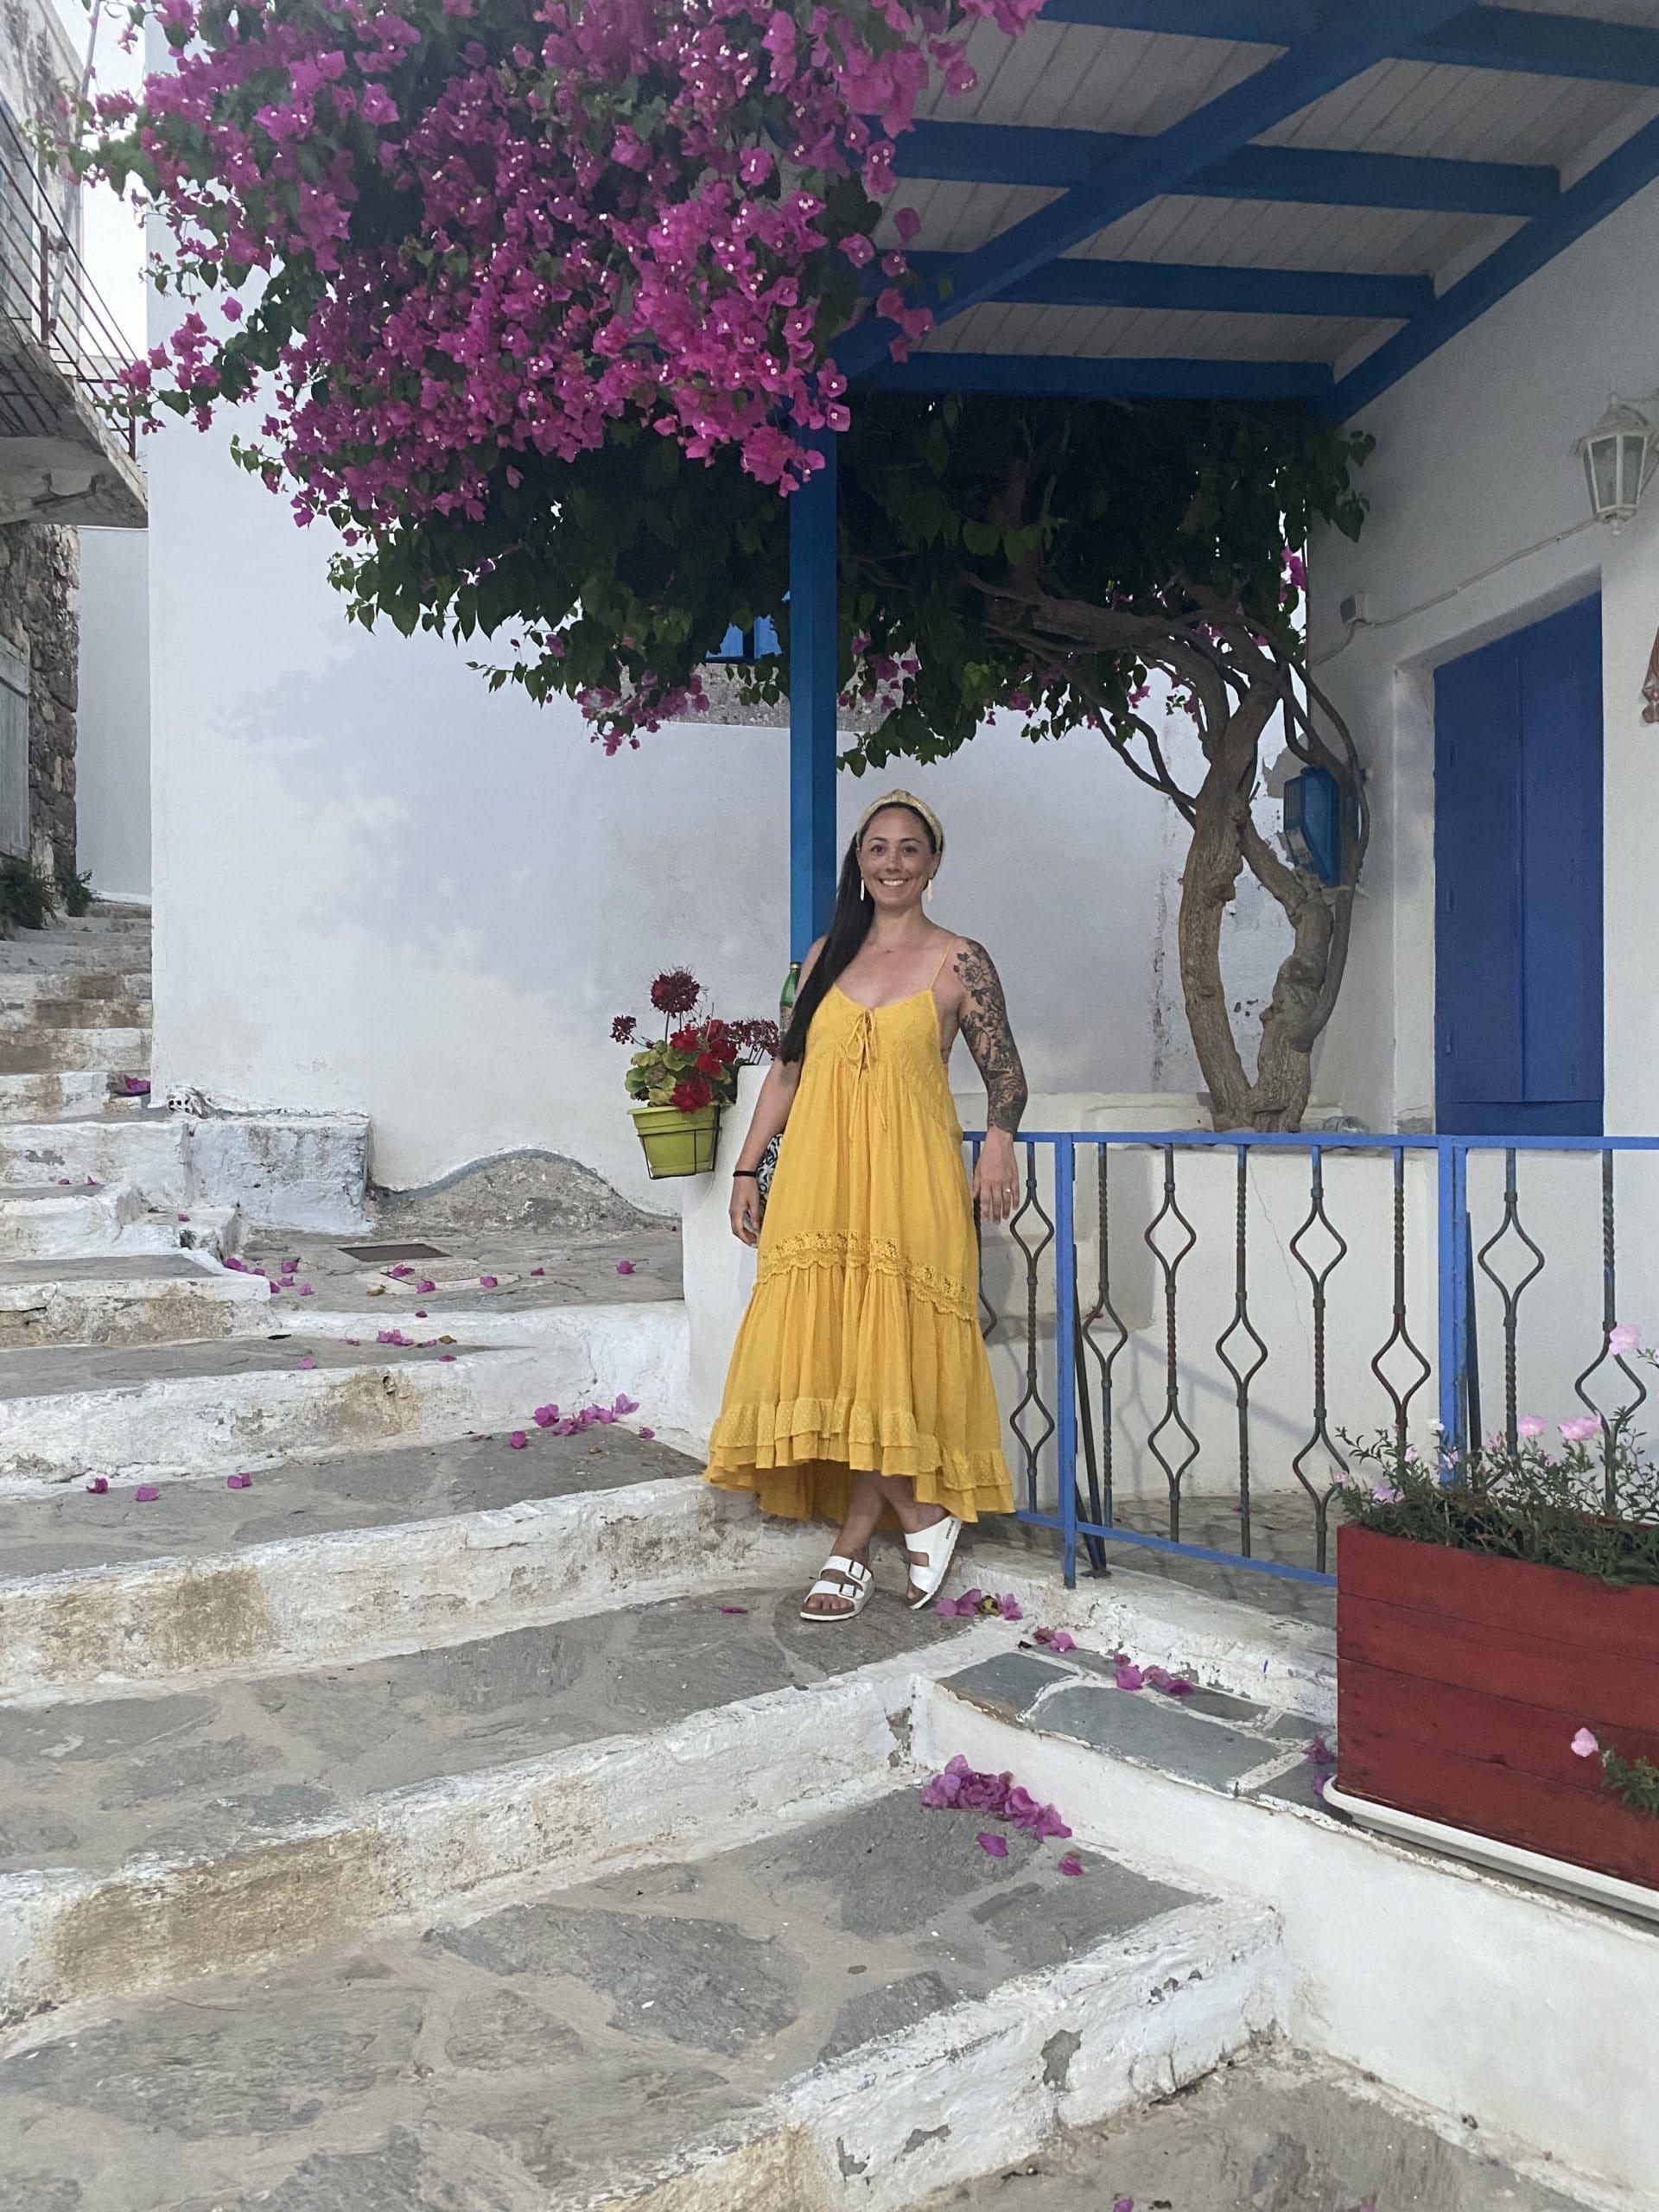 lexy in greece! milos is the best